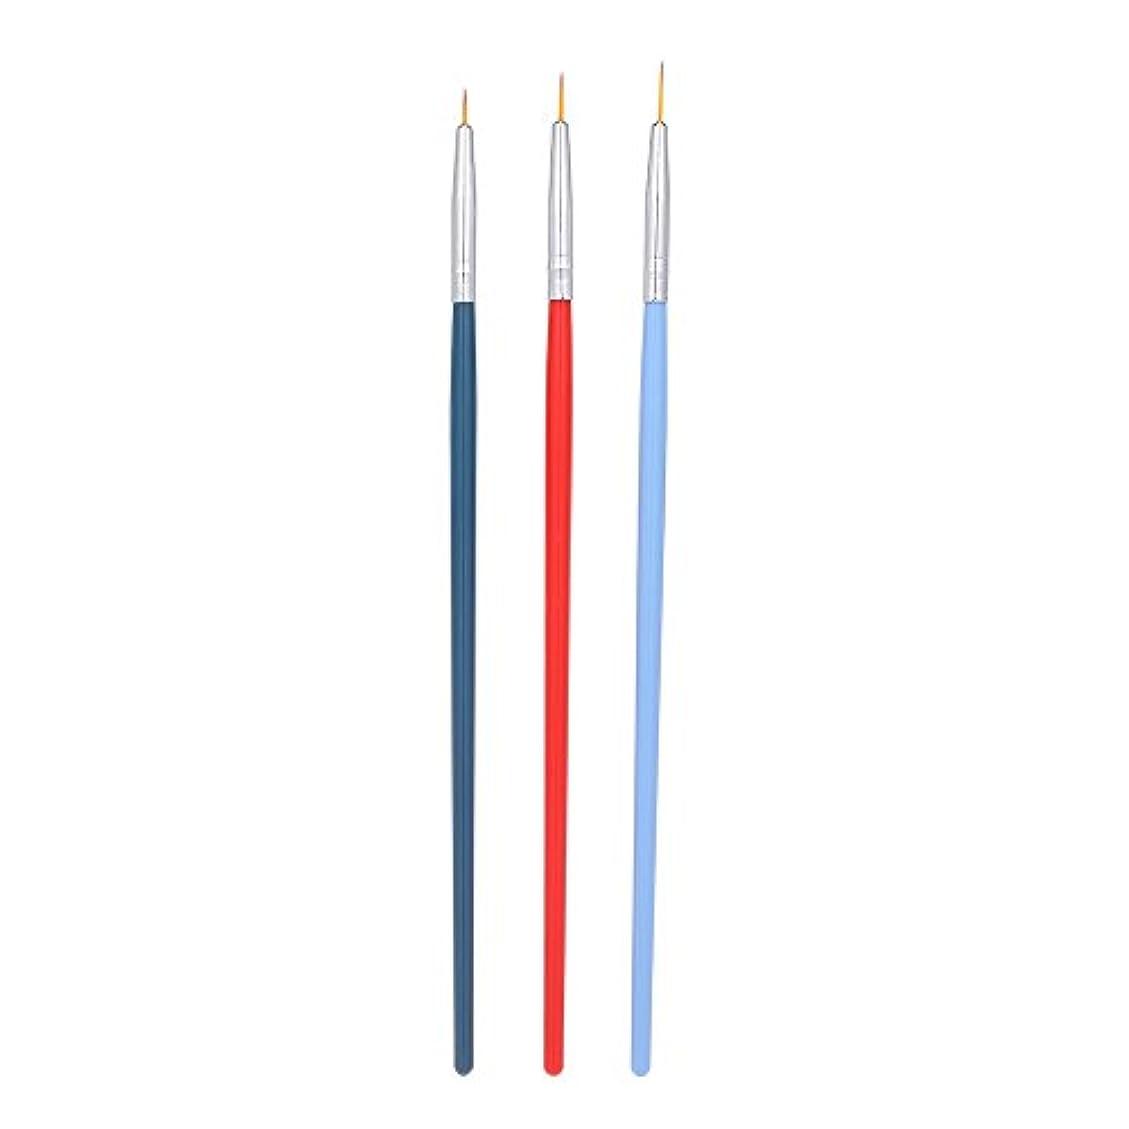 スキル赤面信頼性Decdeal 3本 ネイルアートライナーブラシ ネイルブラシ ペン UVジェル塗装 セット マニキュア ネイルツール プラスチックハンドル